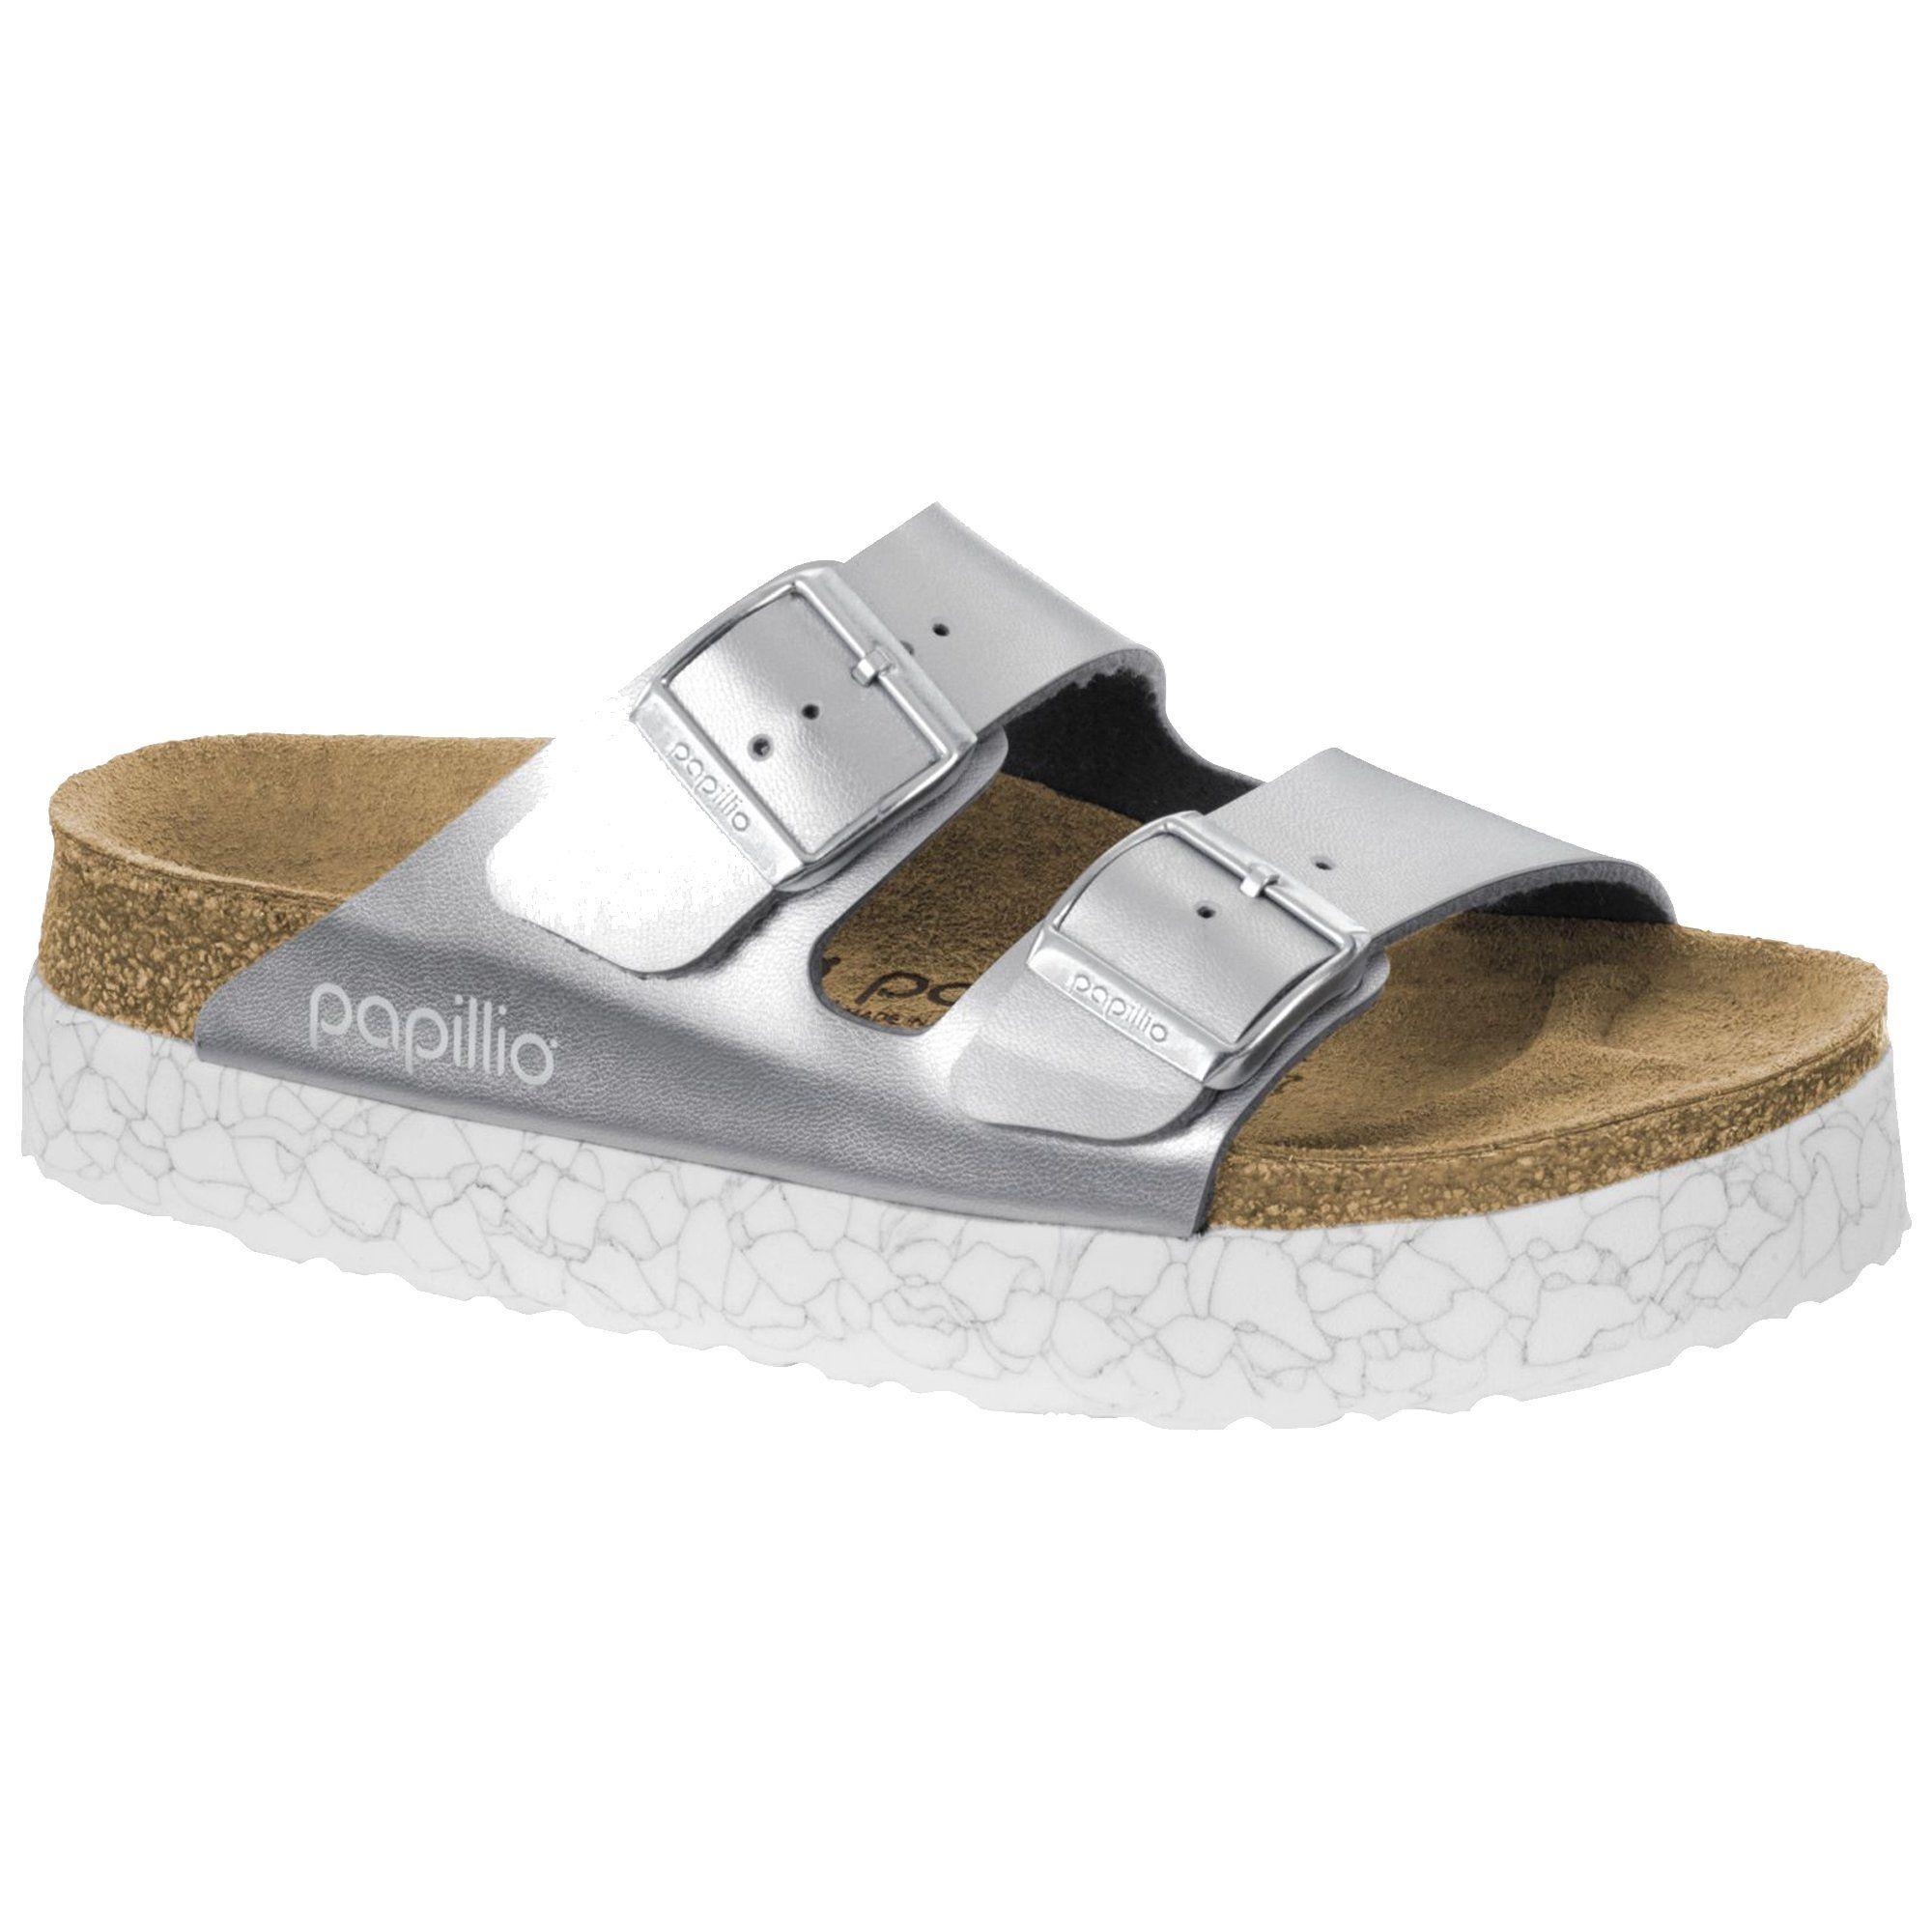 55fef260b6a Birkenstock Women s Arizona Platform Monochrome Marble Silver Birko Sandals  (N)